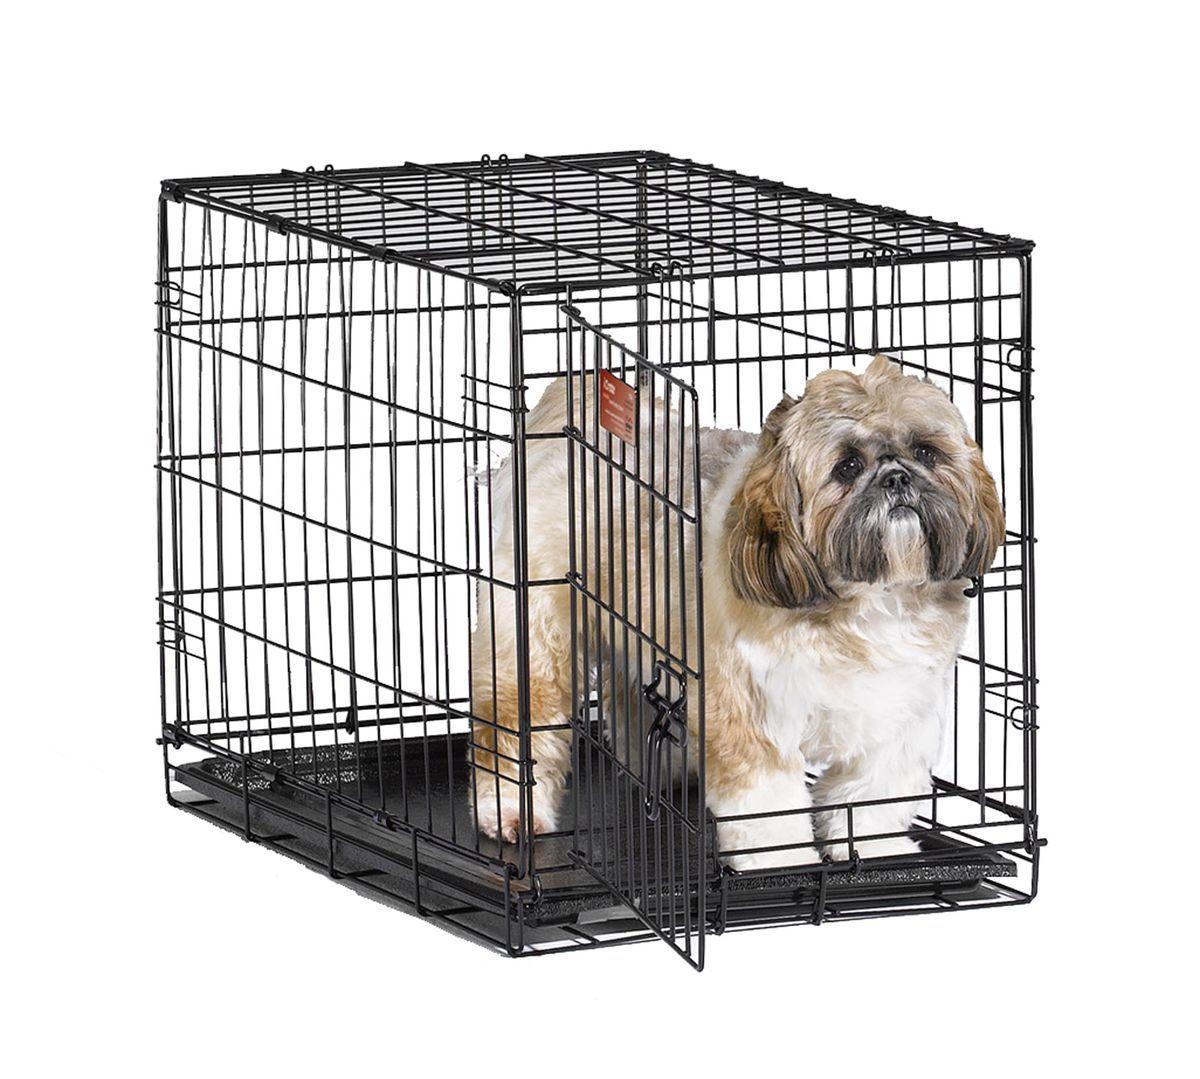 Клетка для собак Midwest iCrate, 1 дверь, цвет: черный, 61 х 46 х 48 см